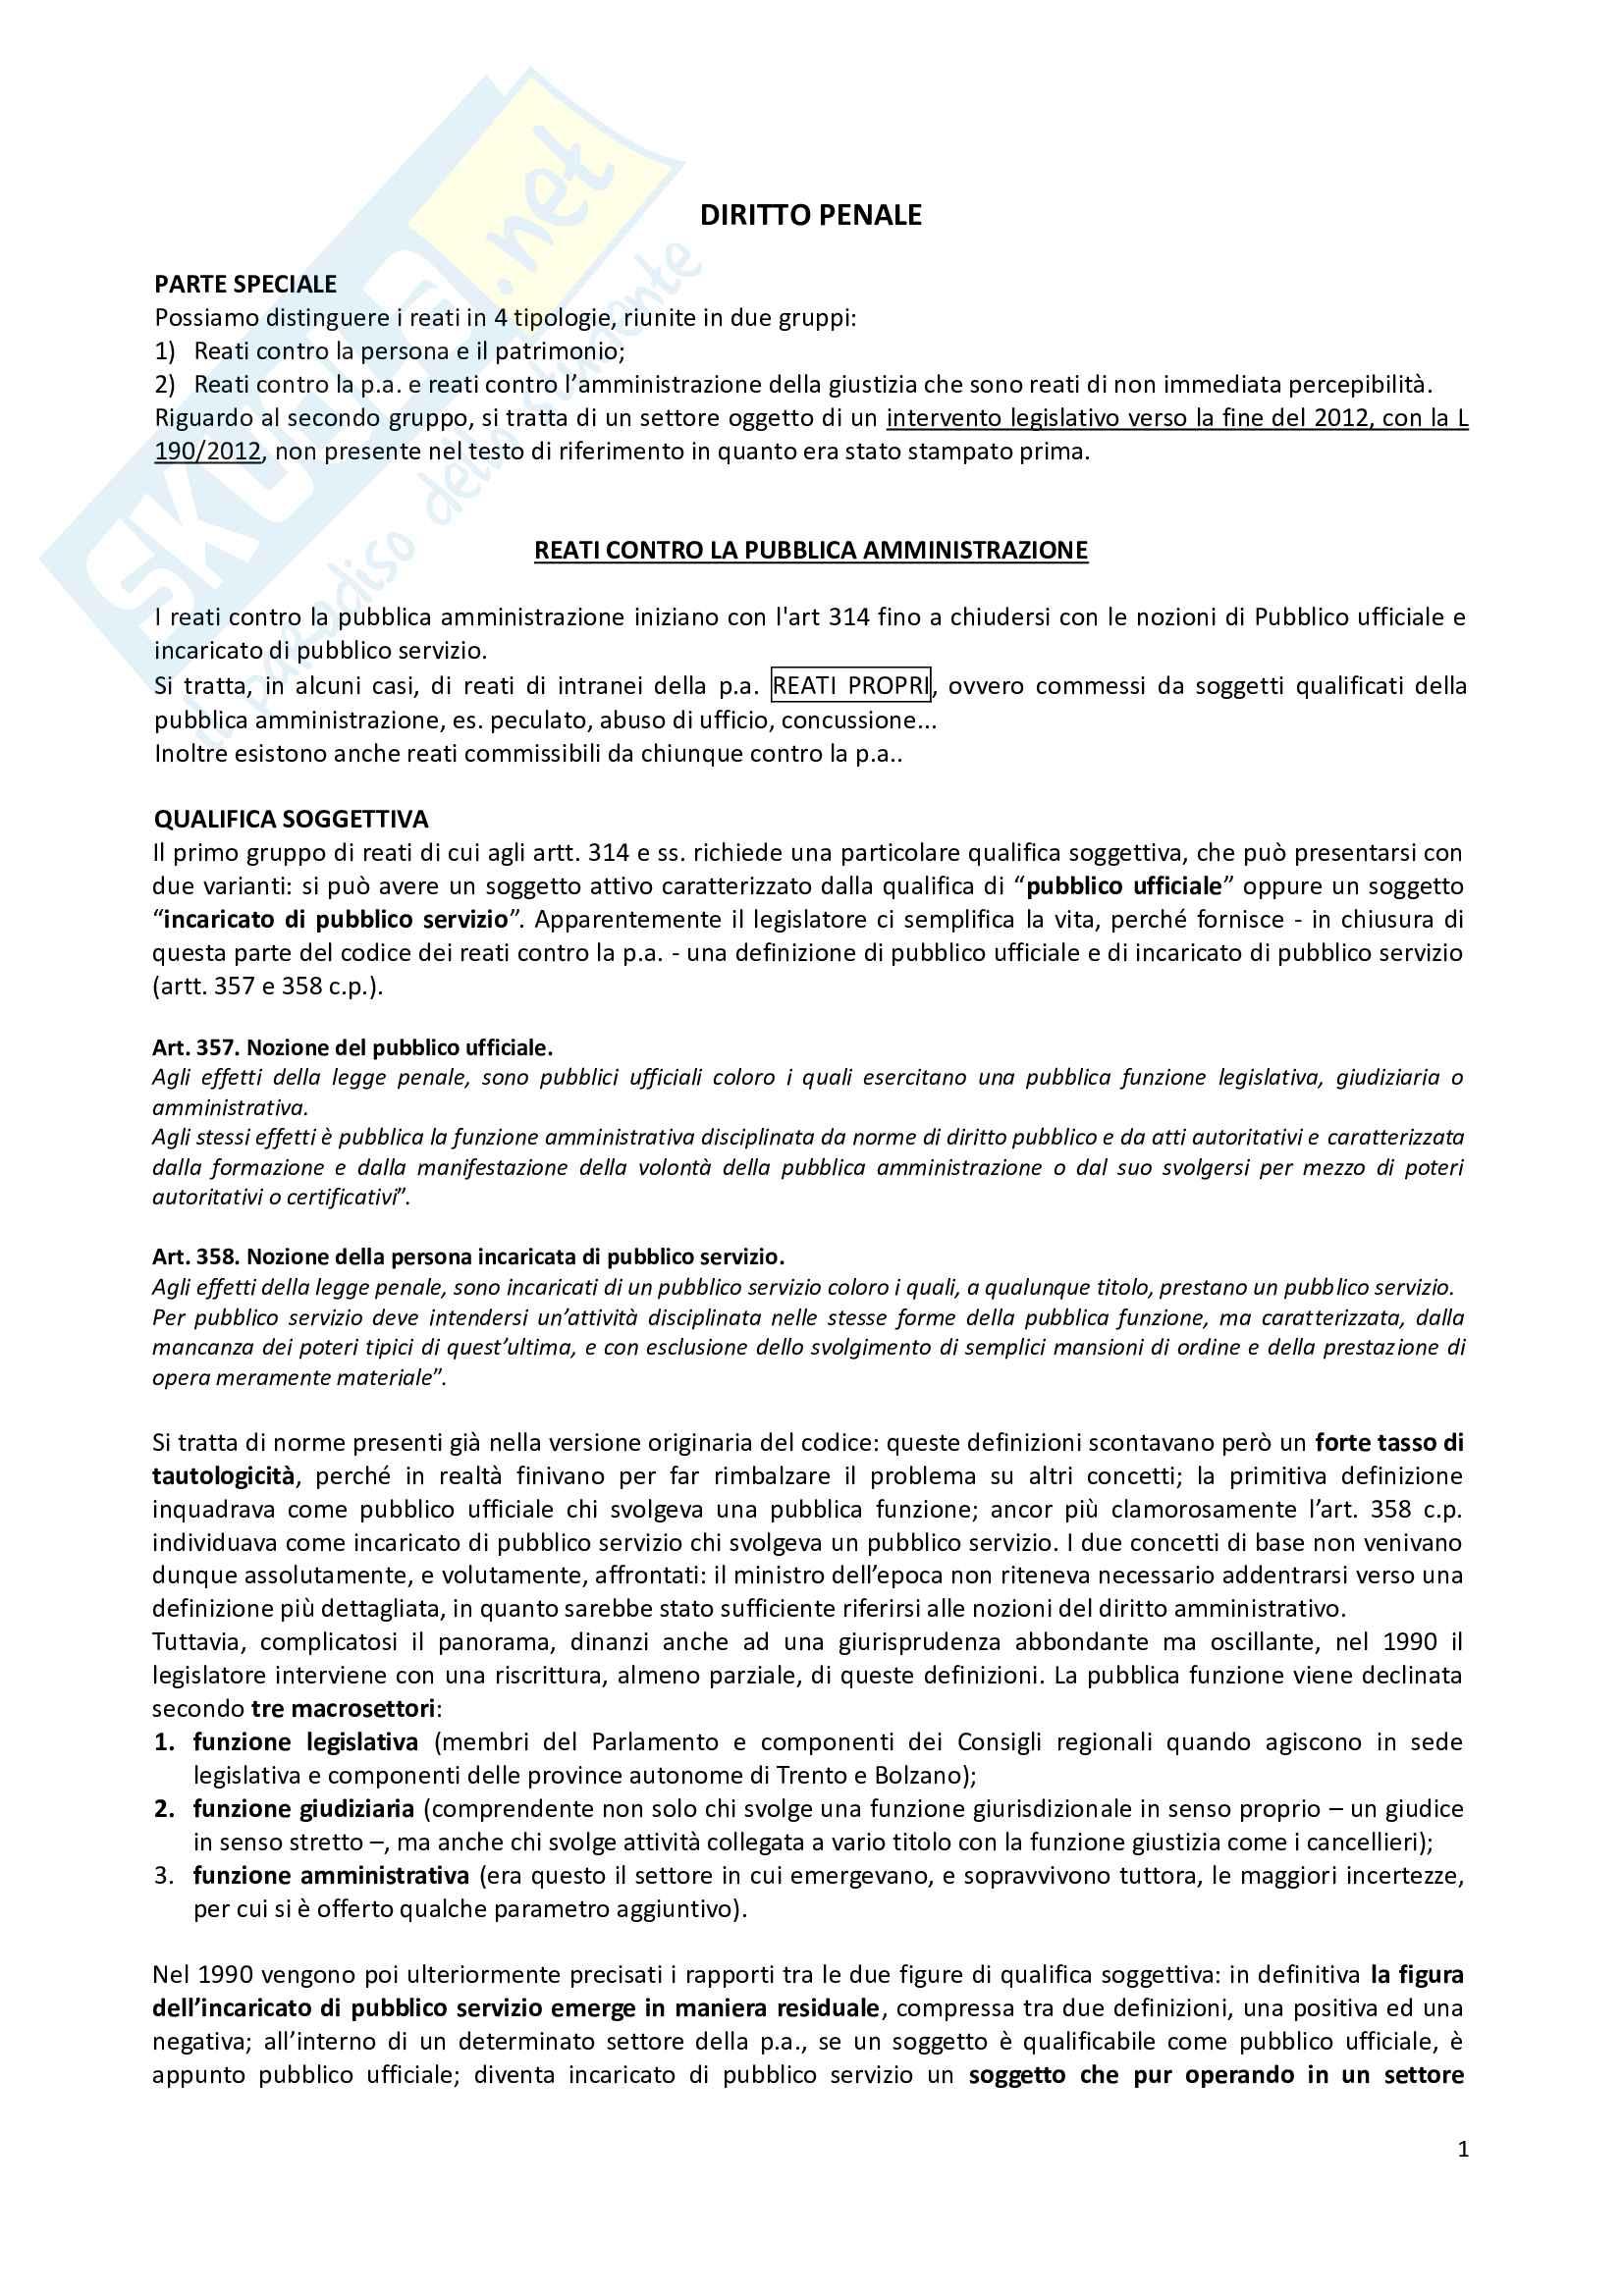 Diritto penale - nozioni Pag. 1